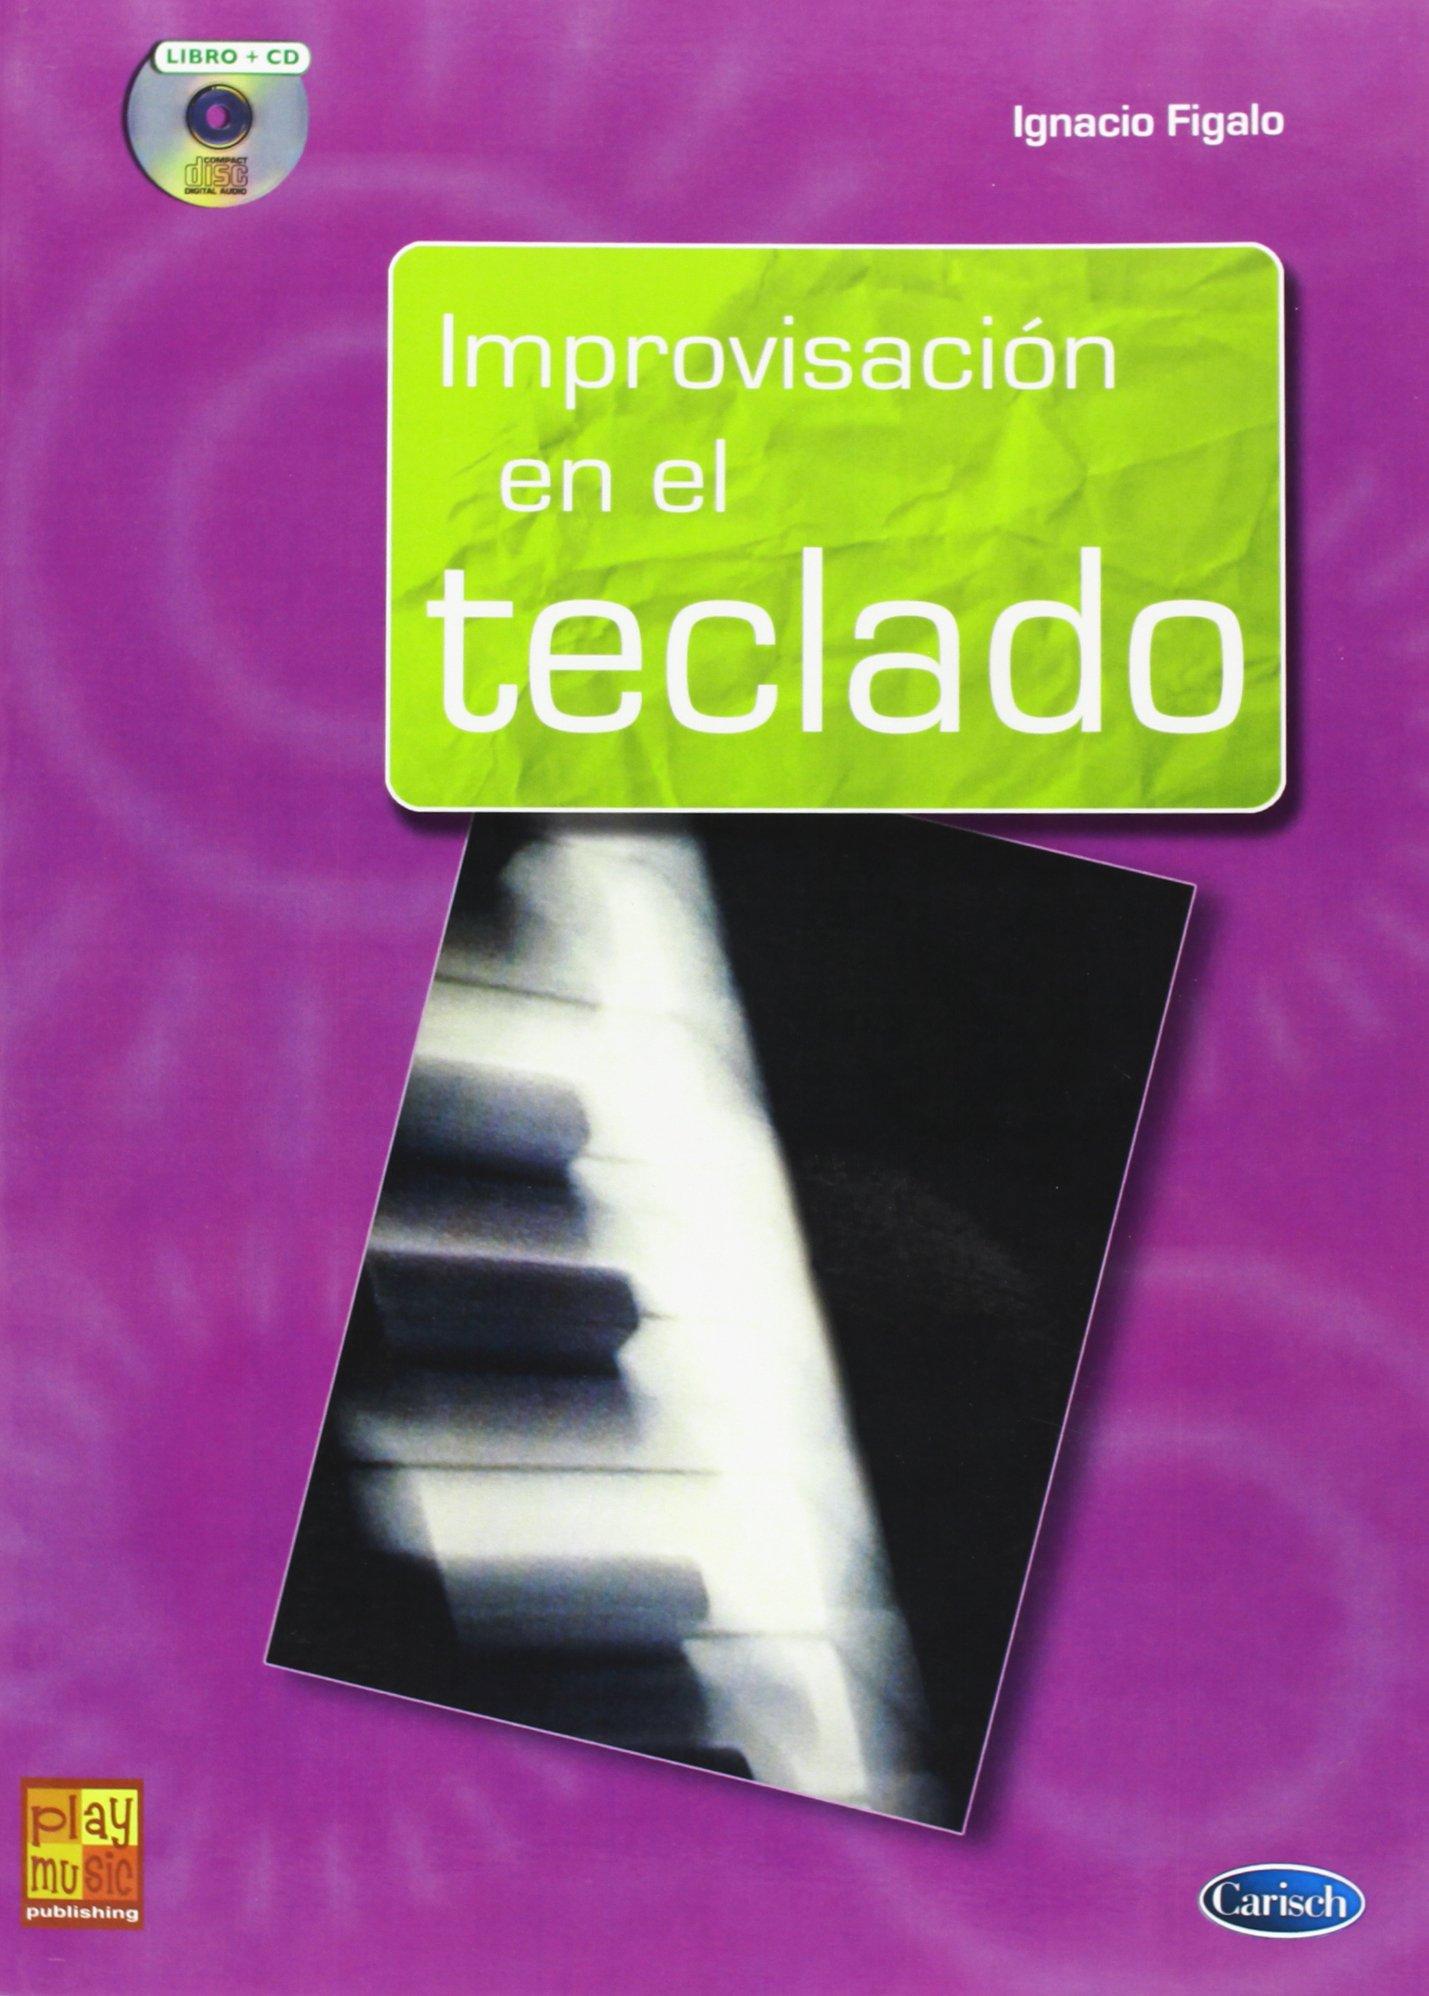 Improvisación en el Teclado (Play Music España): Amazon.es: Ignacio Figalo, Piano: Libros